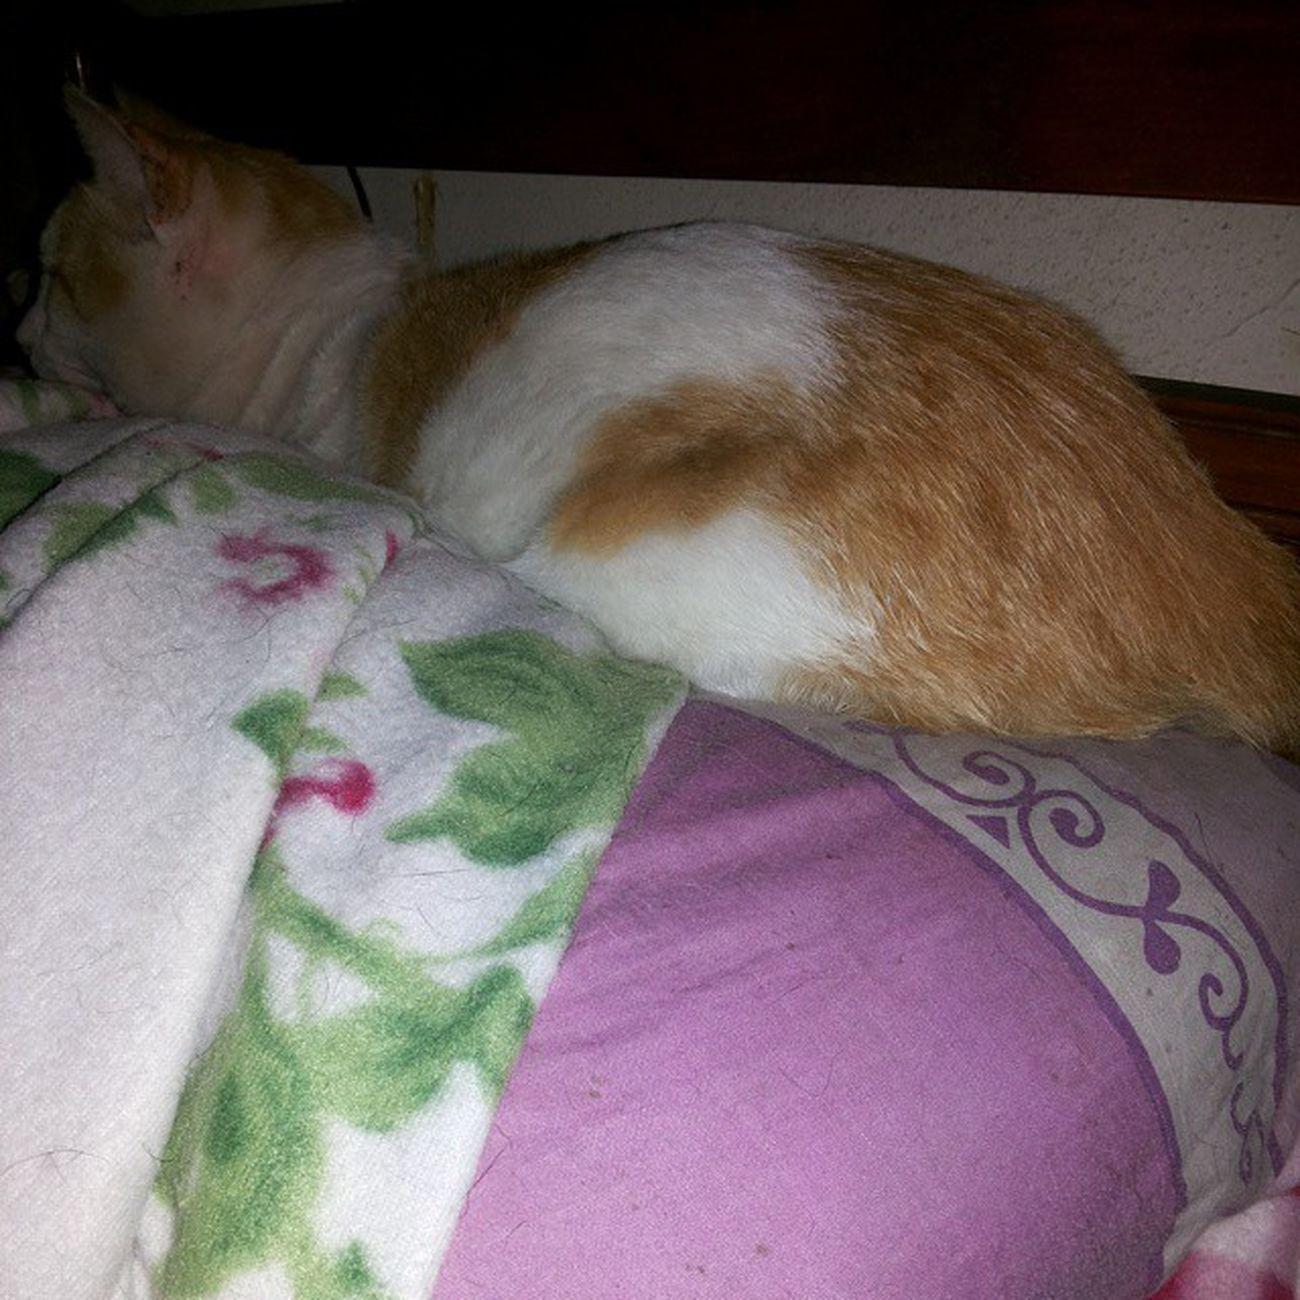 Manolo colonizó mi almohada